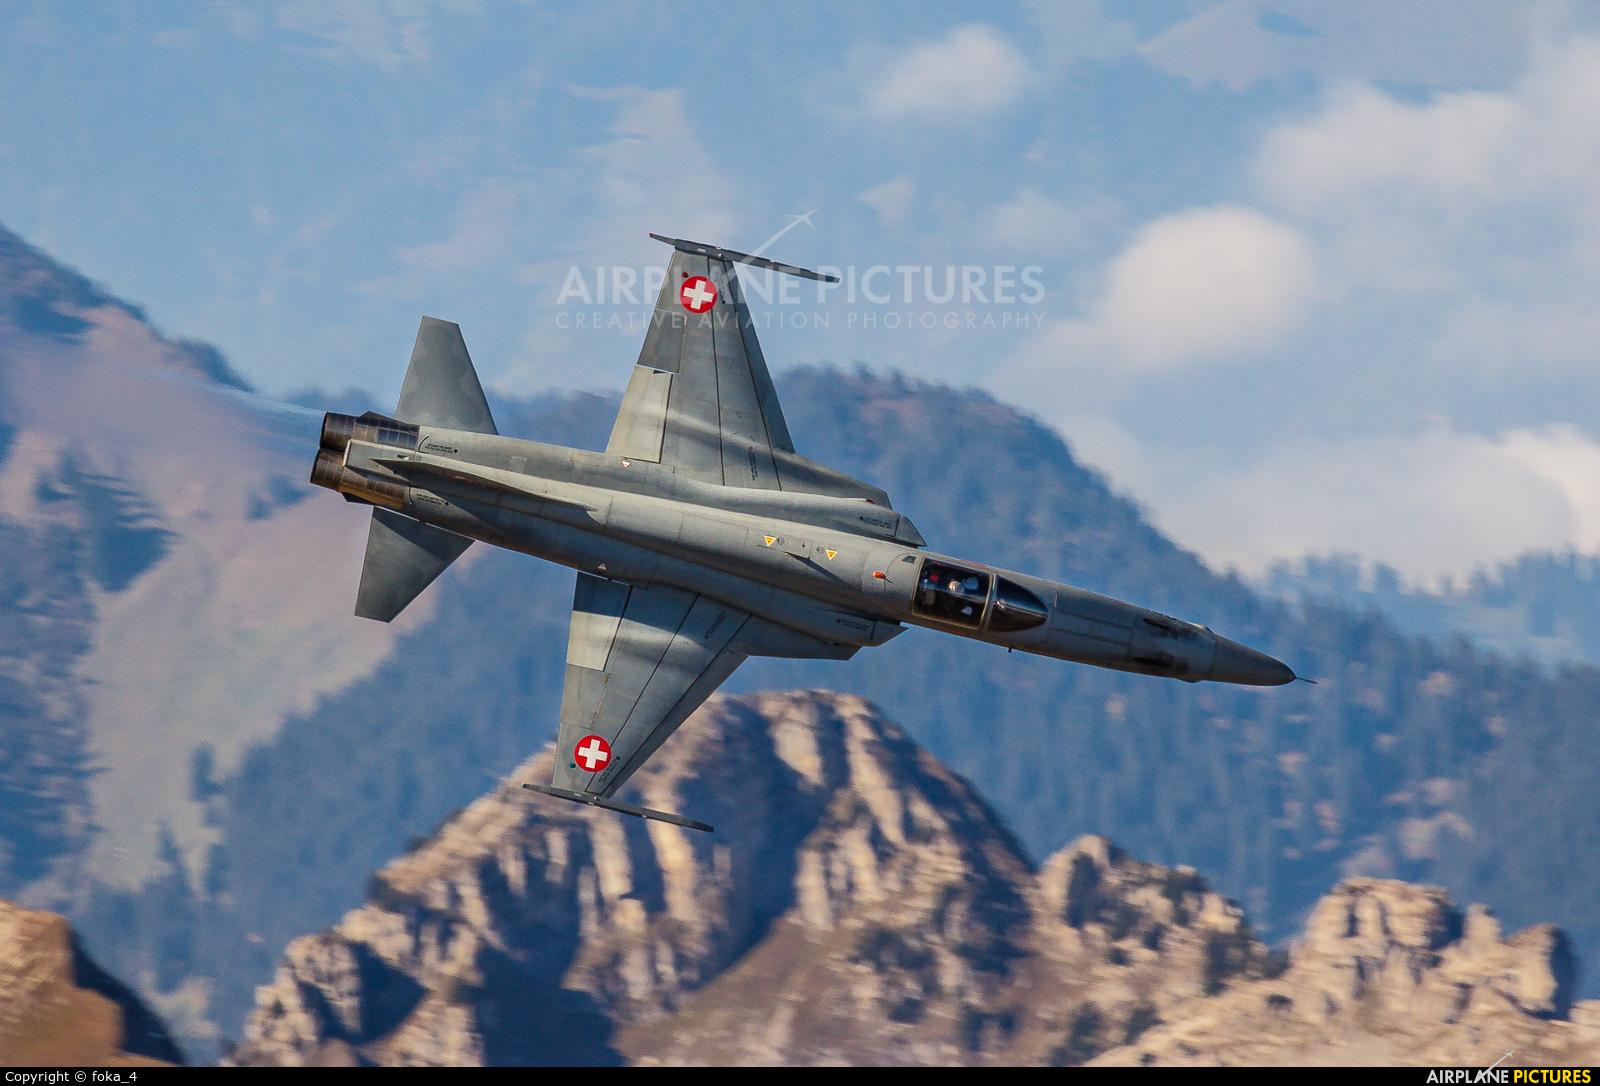 Switzerland - Air Force J-3097 aircraft at Axalp - Ebenfluh Range